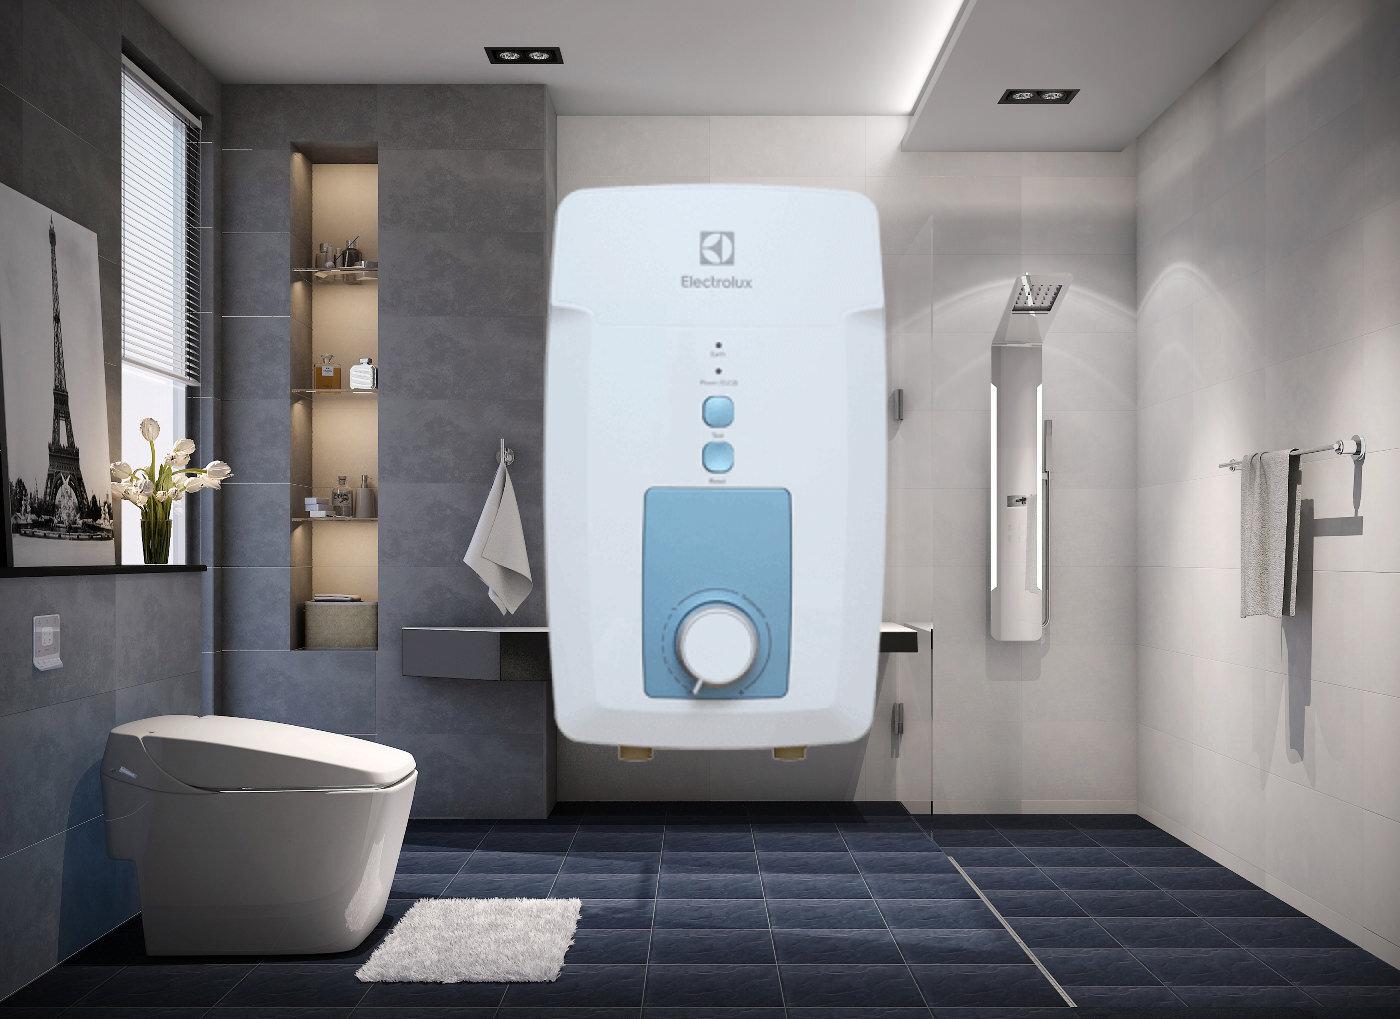 Máy nước nóng của hãng Electrolux là thương hiệu đến từ Thụy Điển